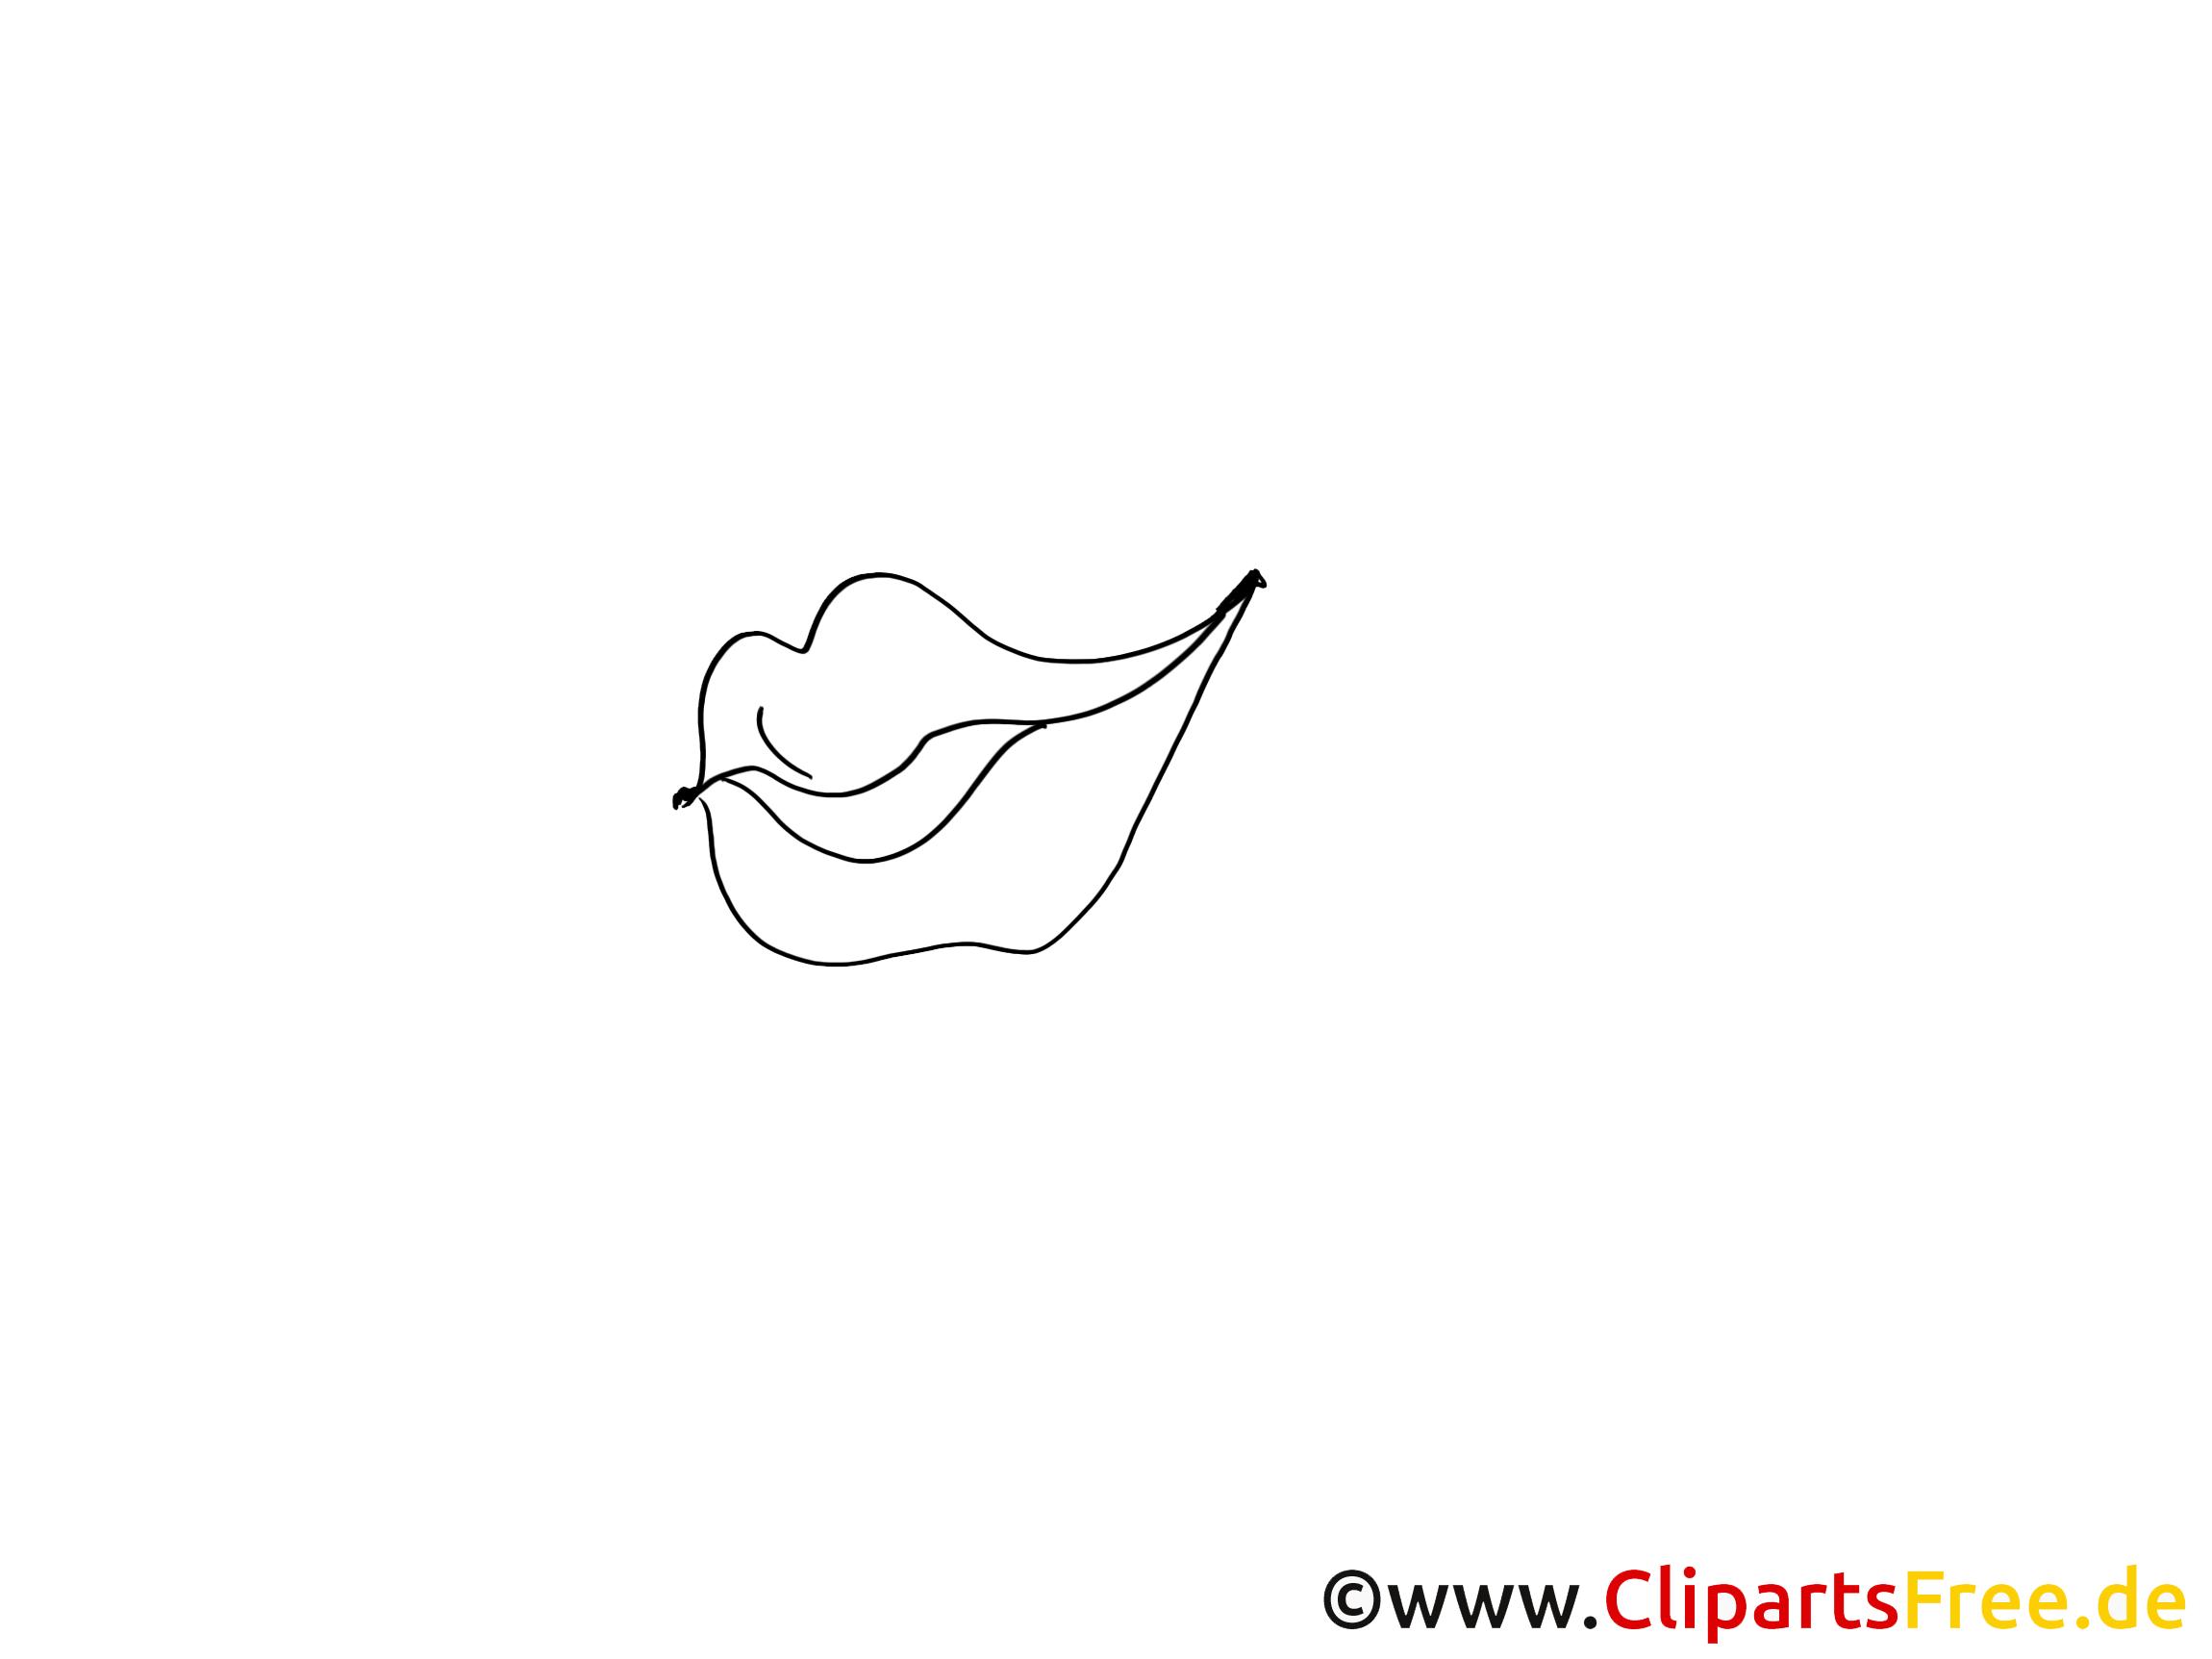 Lèvres dessin à imprimer – Dessin cliparts à télécharger